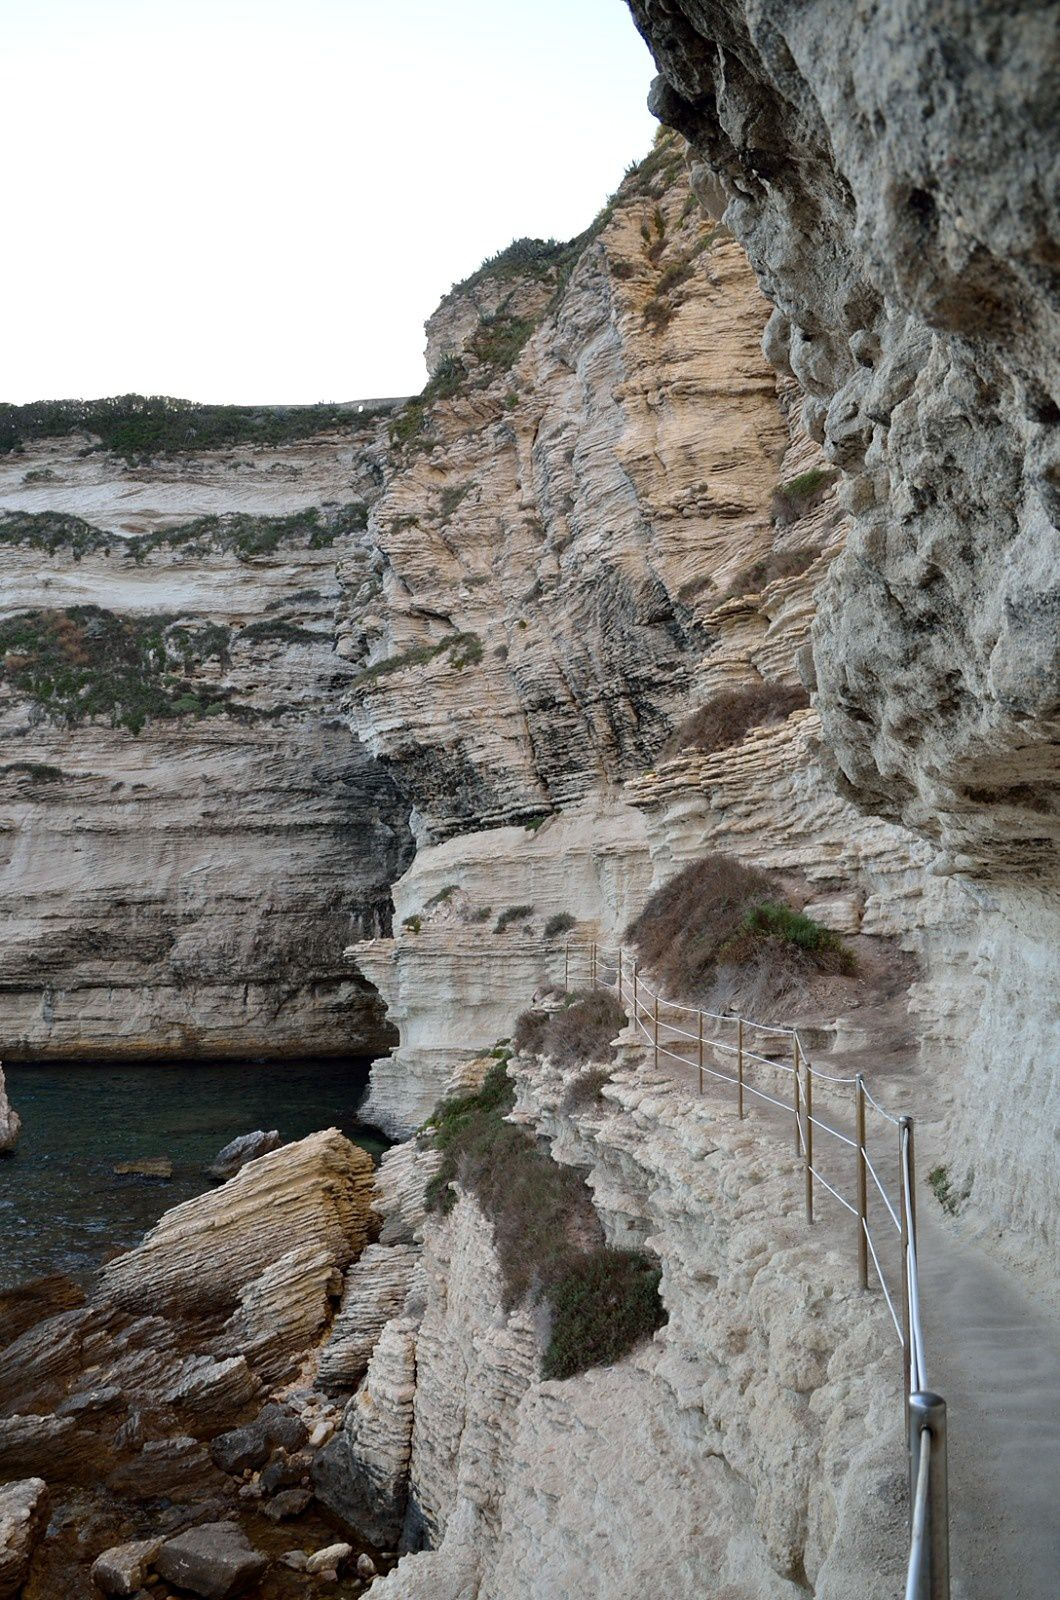 Le chemin qui mène à la source, creusé lui aussi dans la falaise